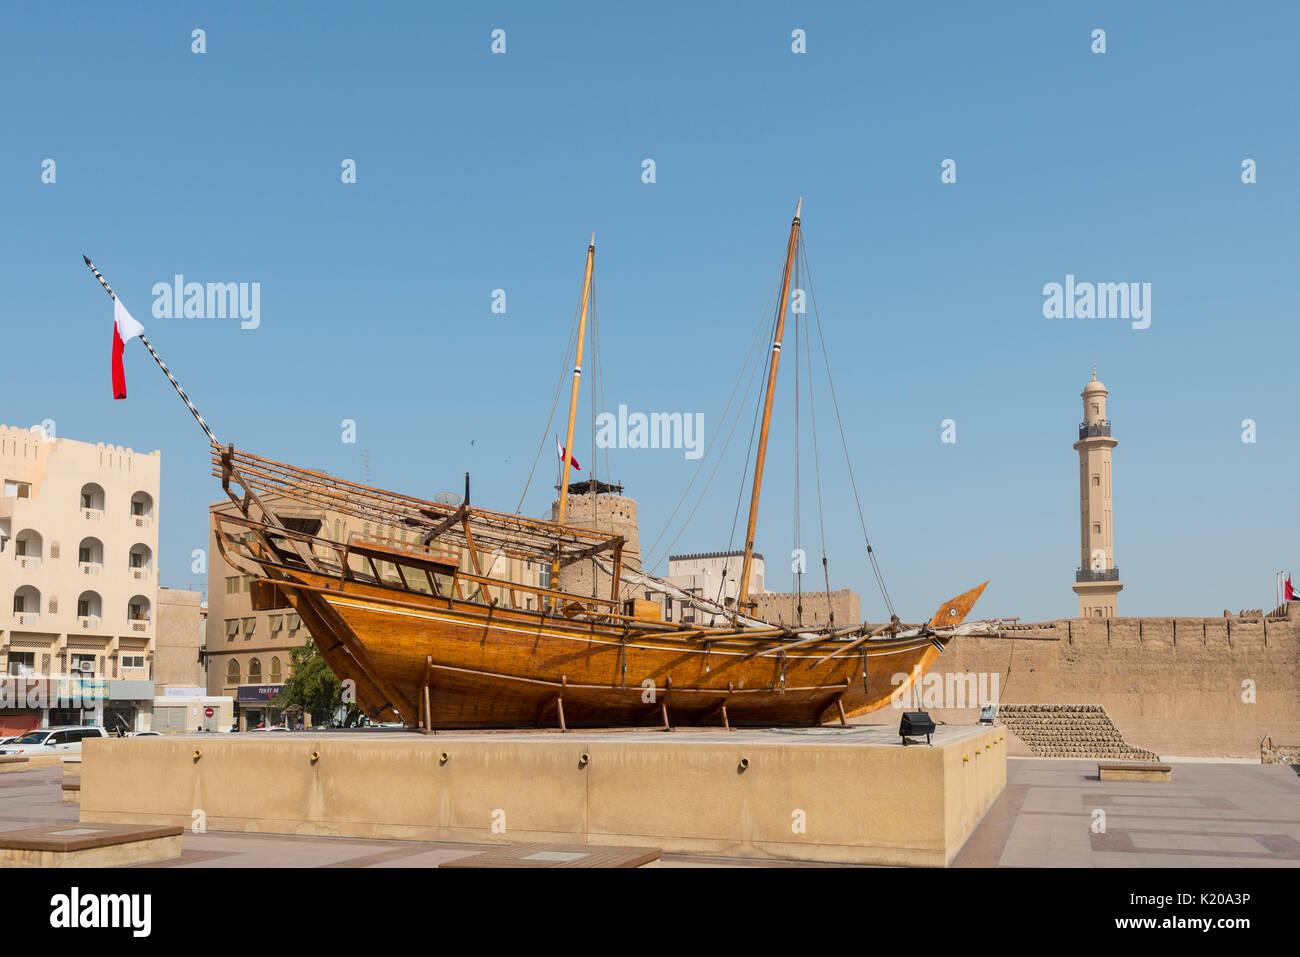 Dhau, vieux navire au musée de Dubaï, Dubaï, Émirats Arabes Unis Banque D'Images